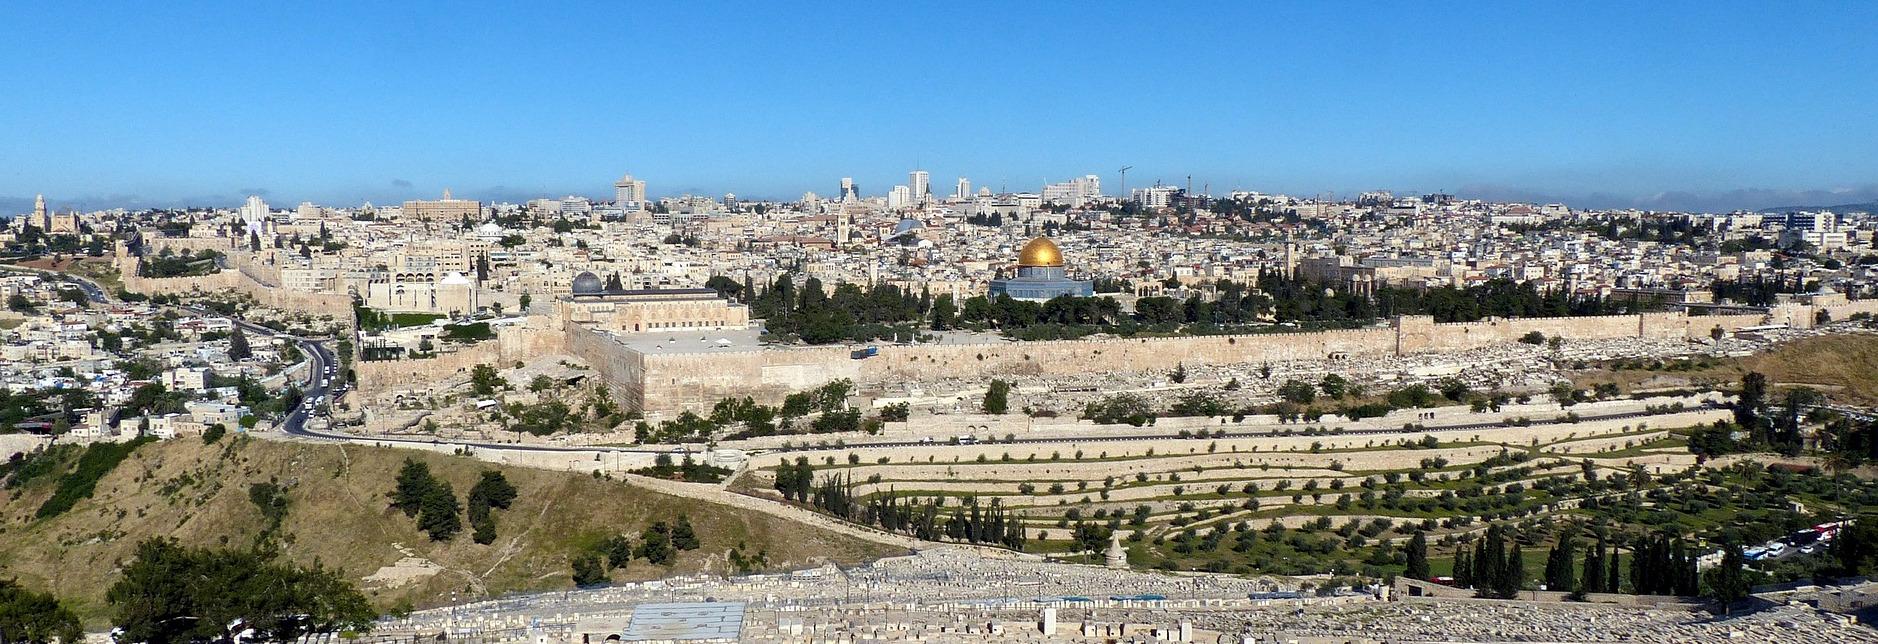 jerusalem-ville-internationale